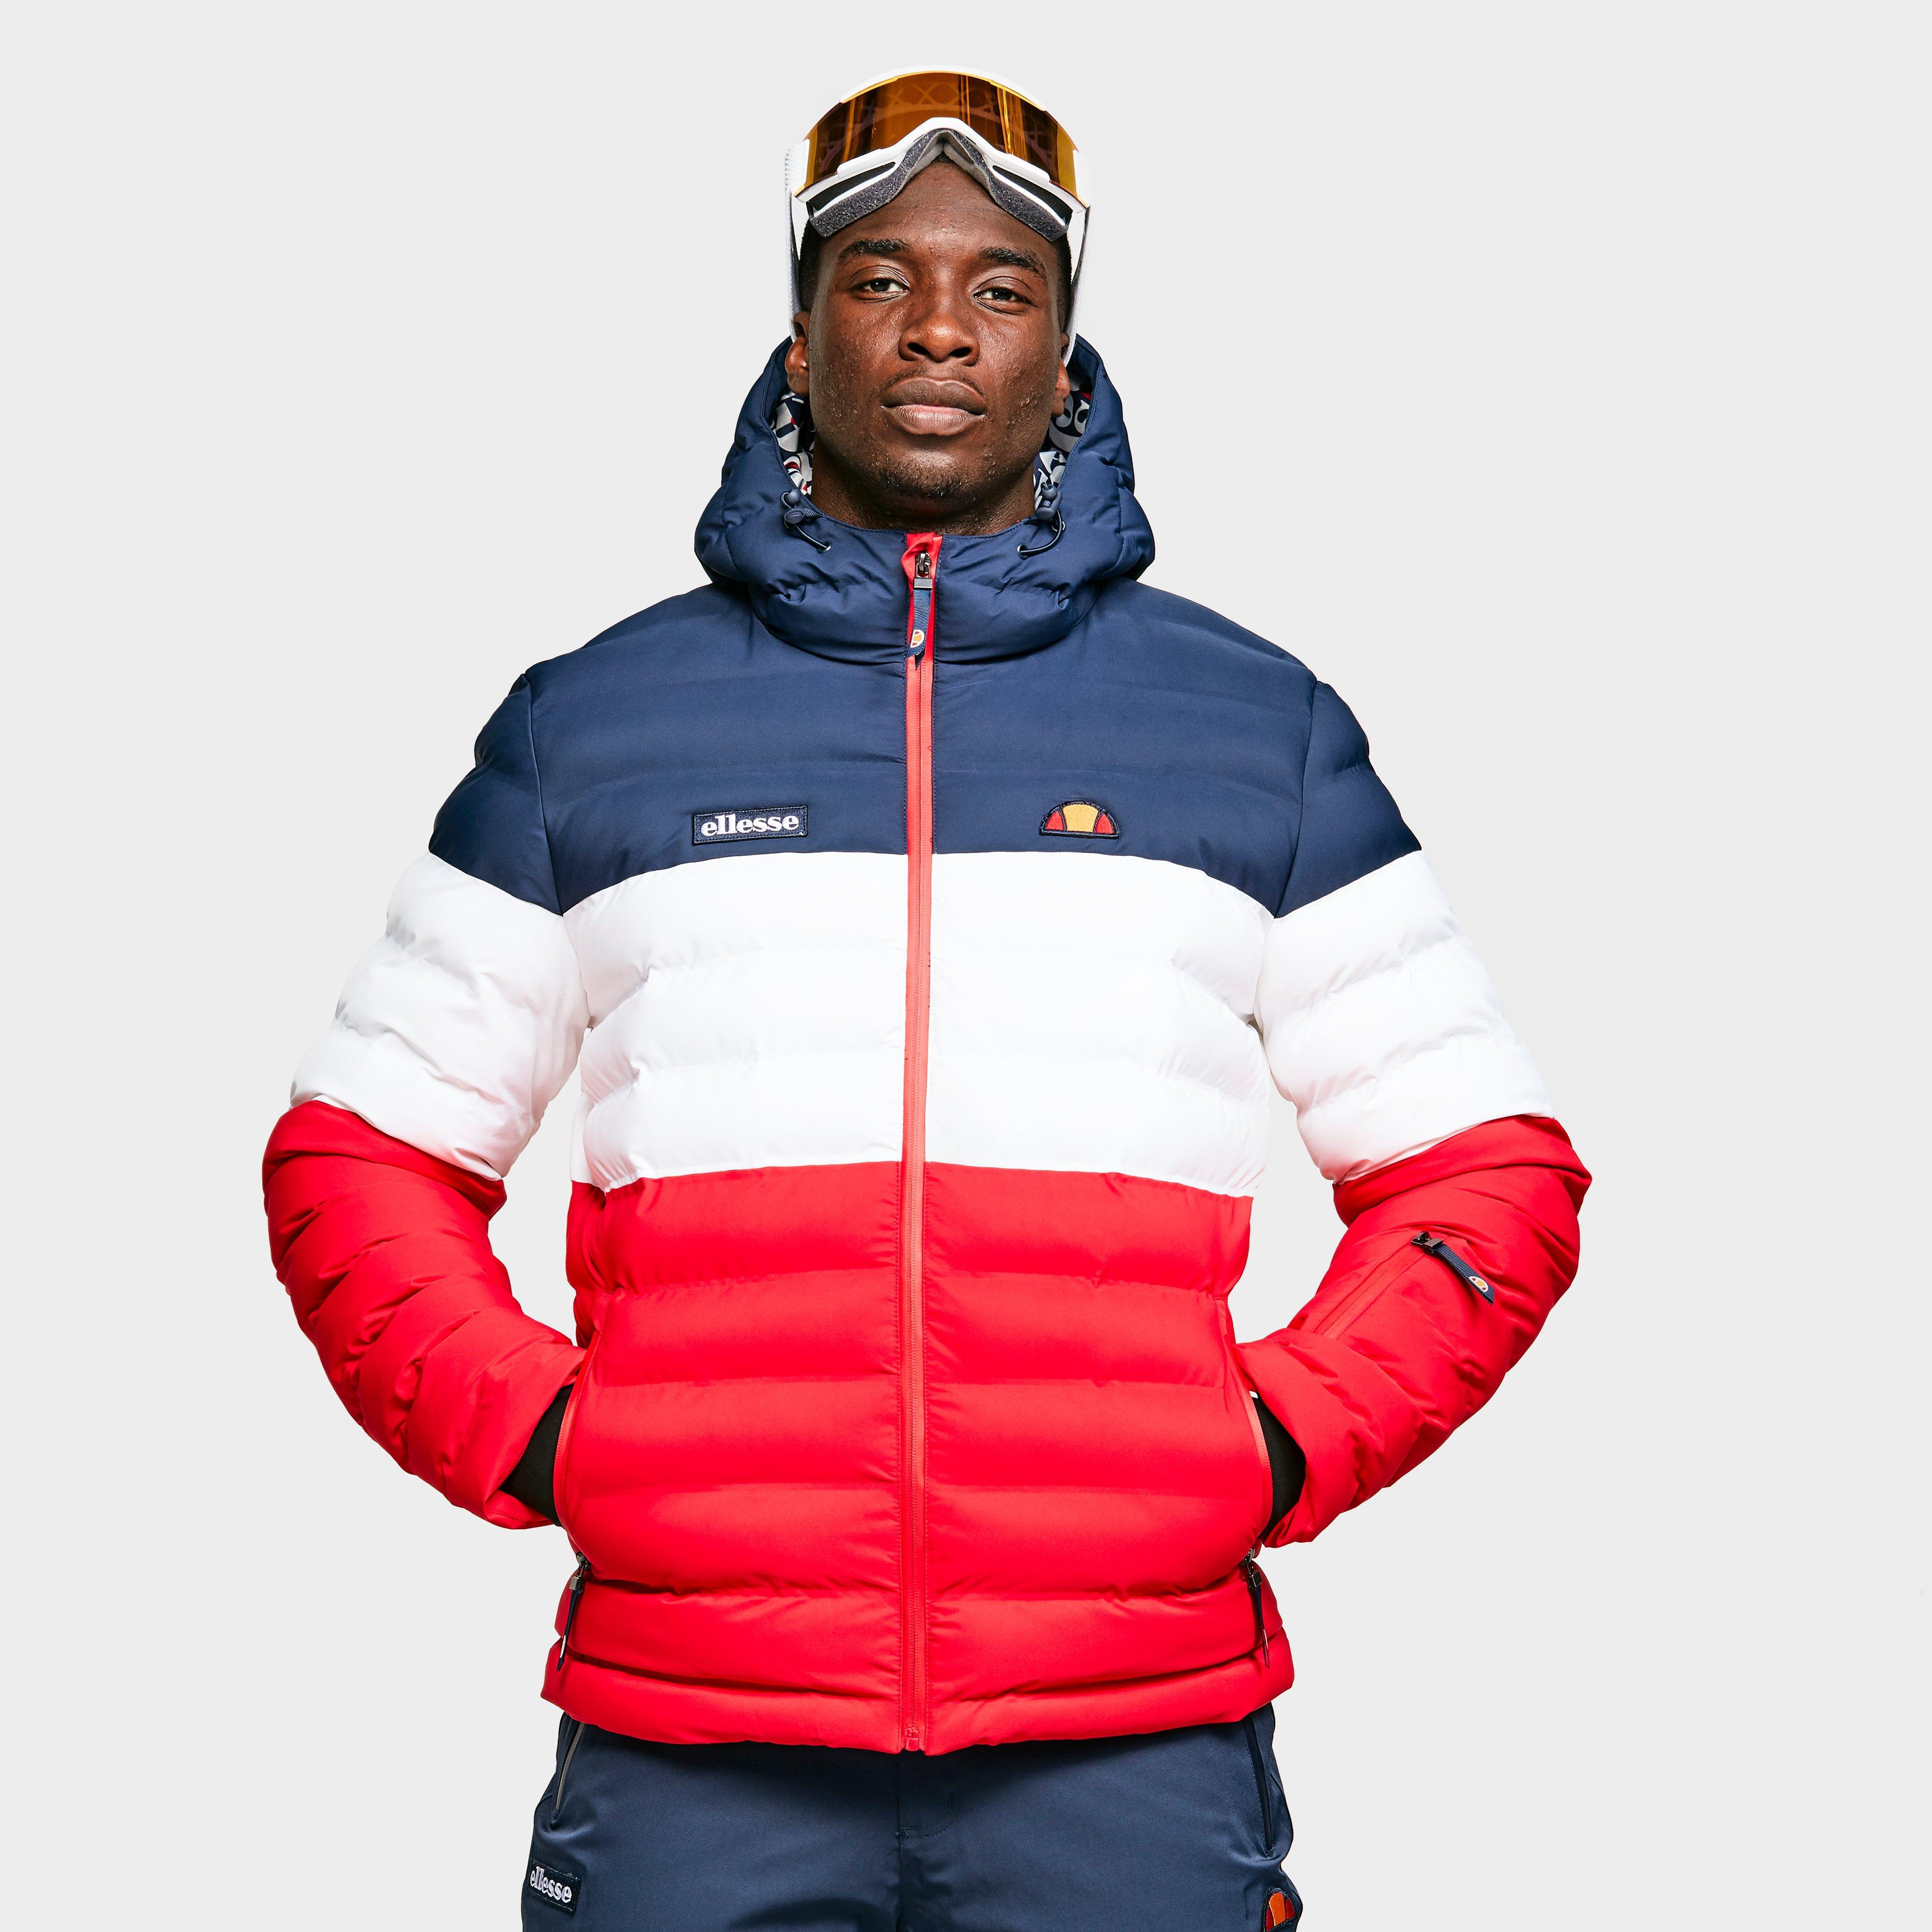 Ellesse Men's Drummond Ski Jacket - Red/Blue, Red/Blue